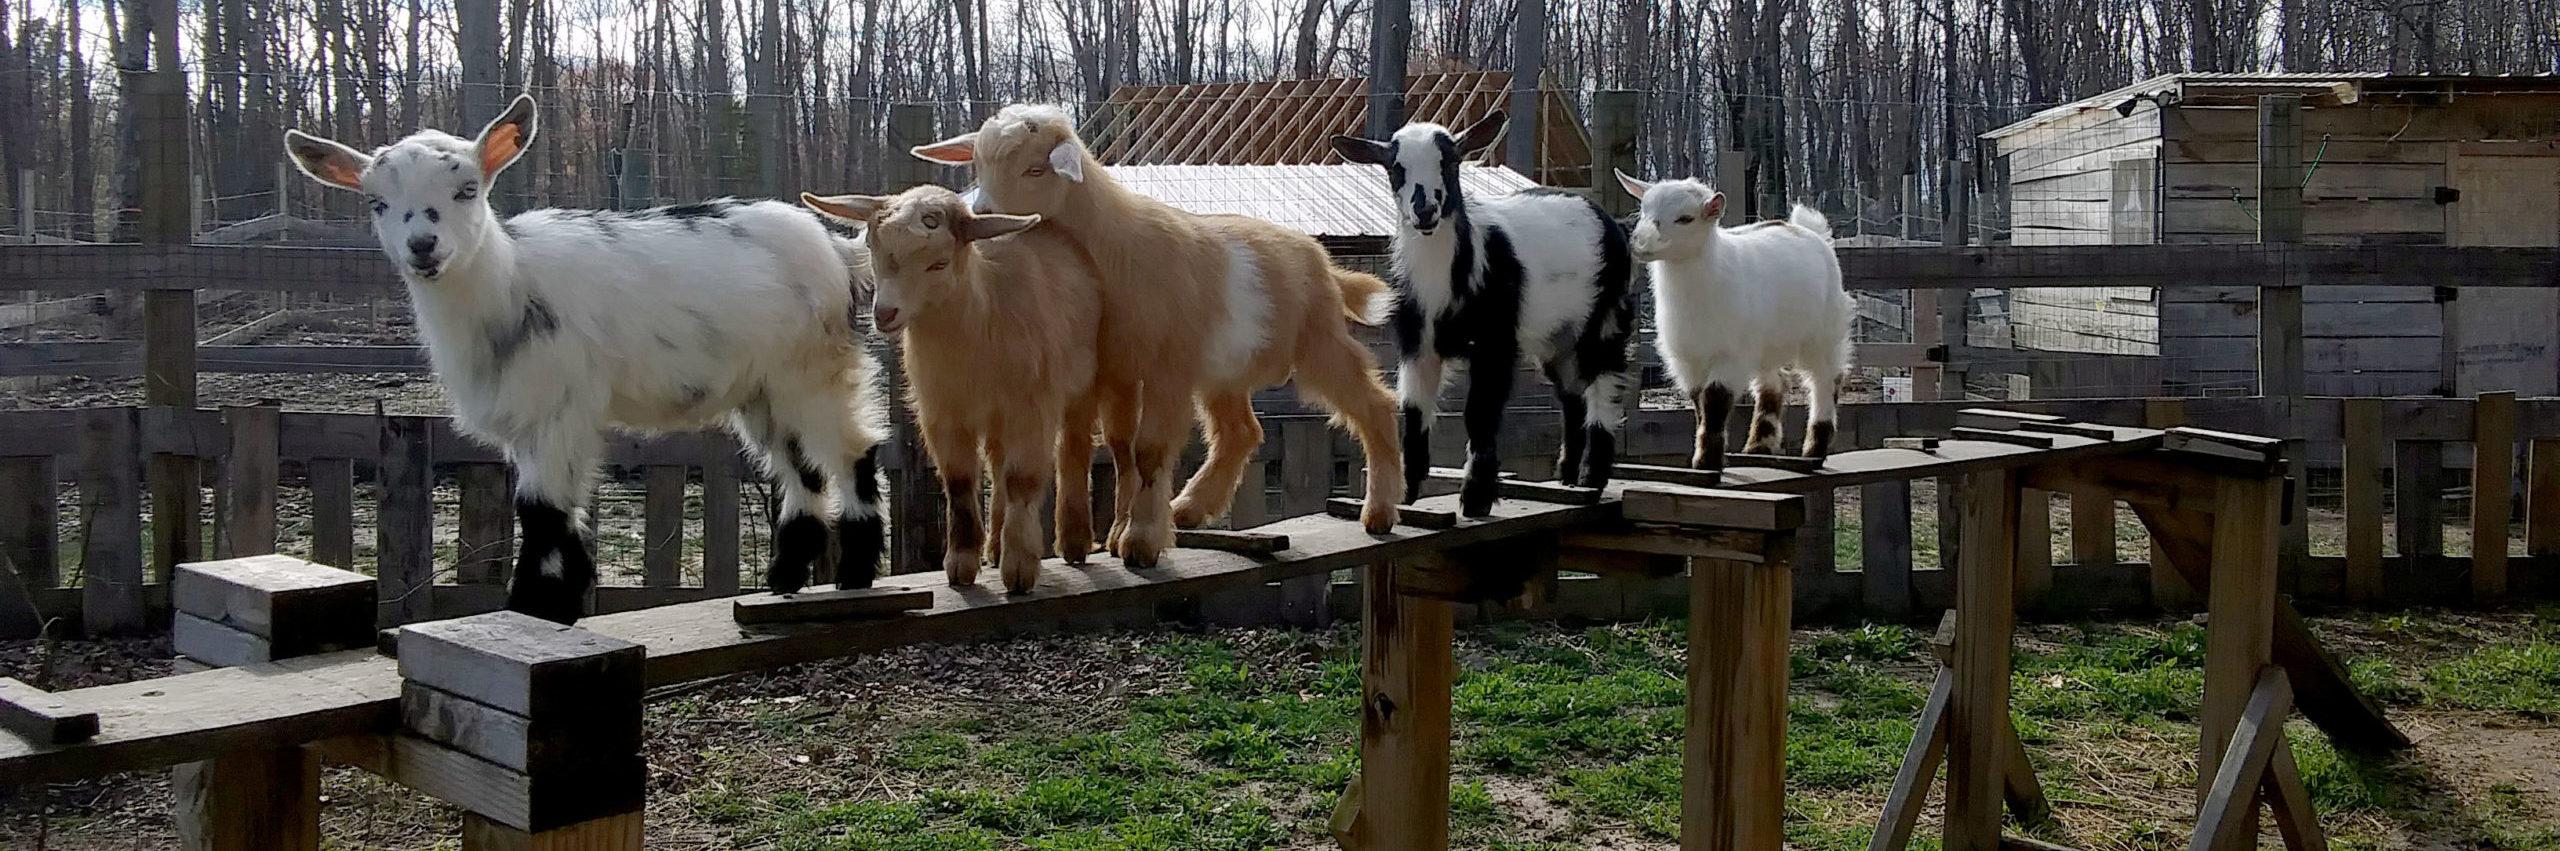 Durkin Family Farm